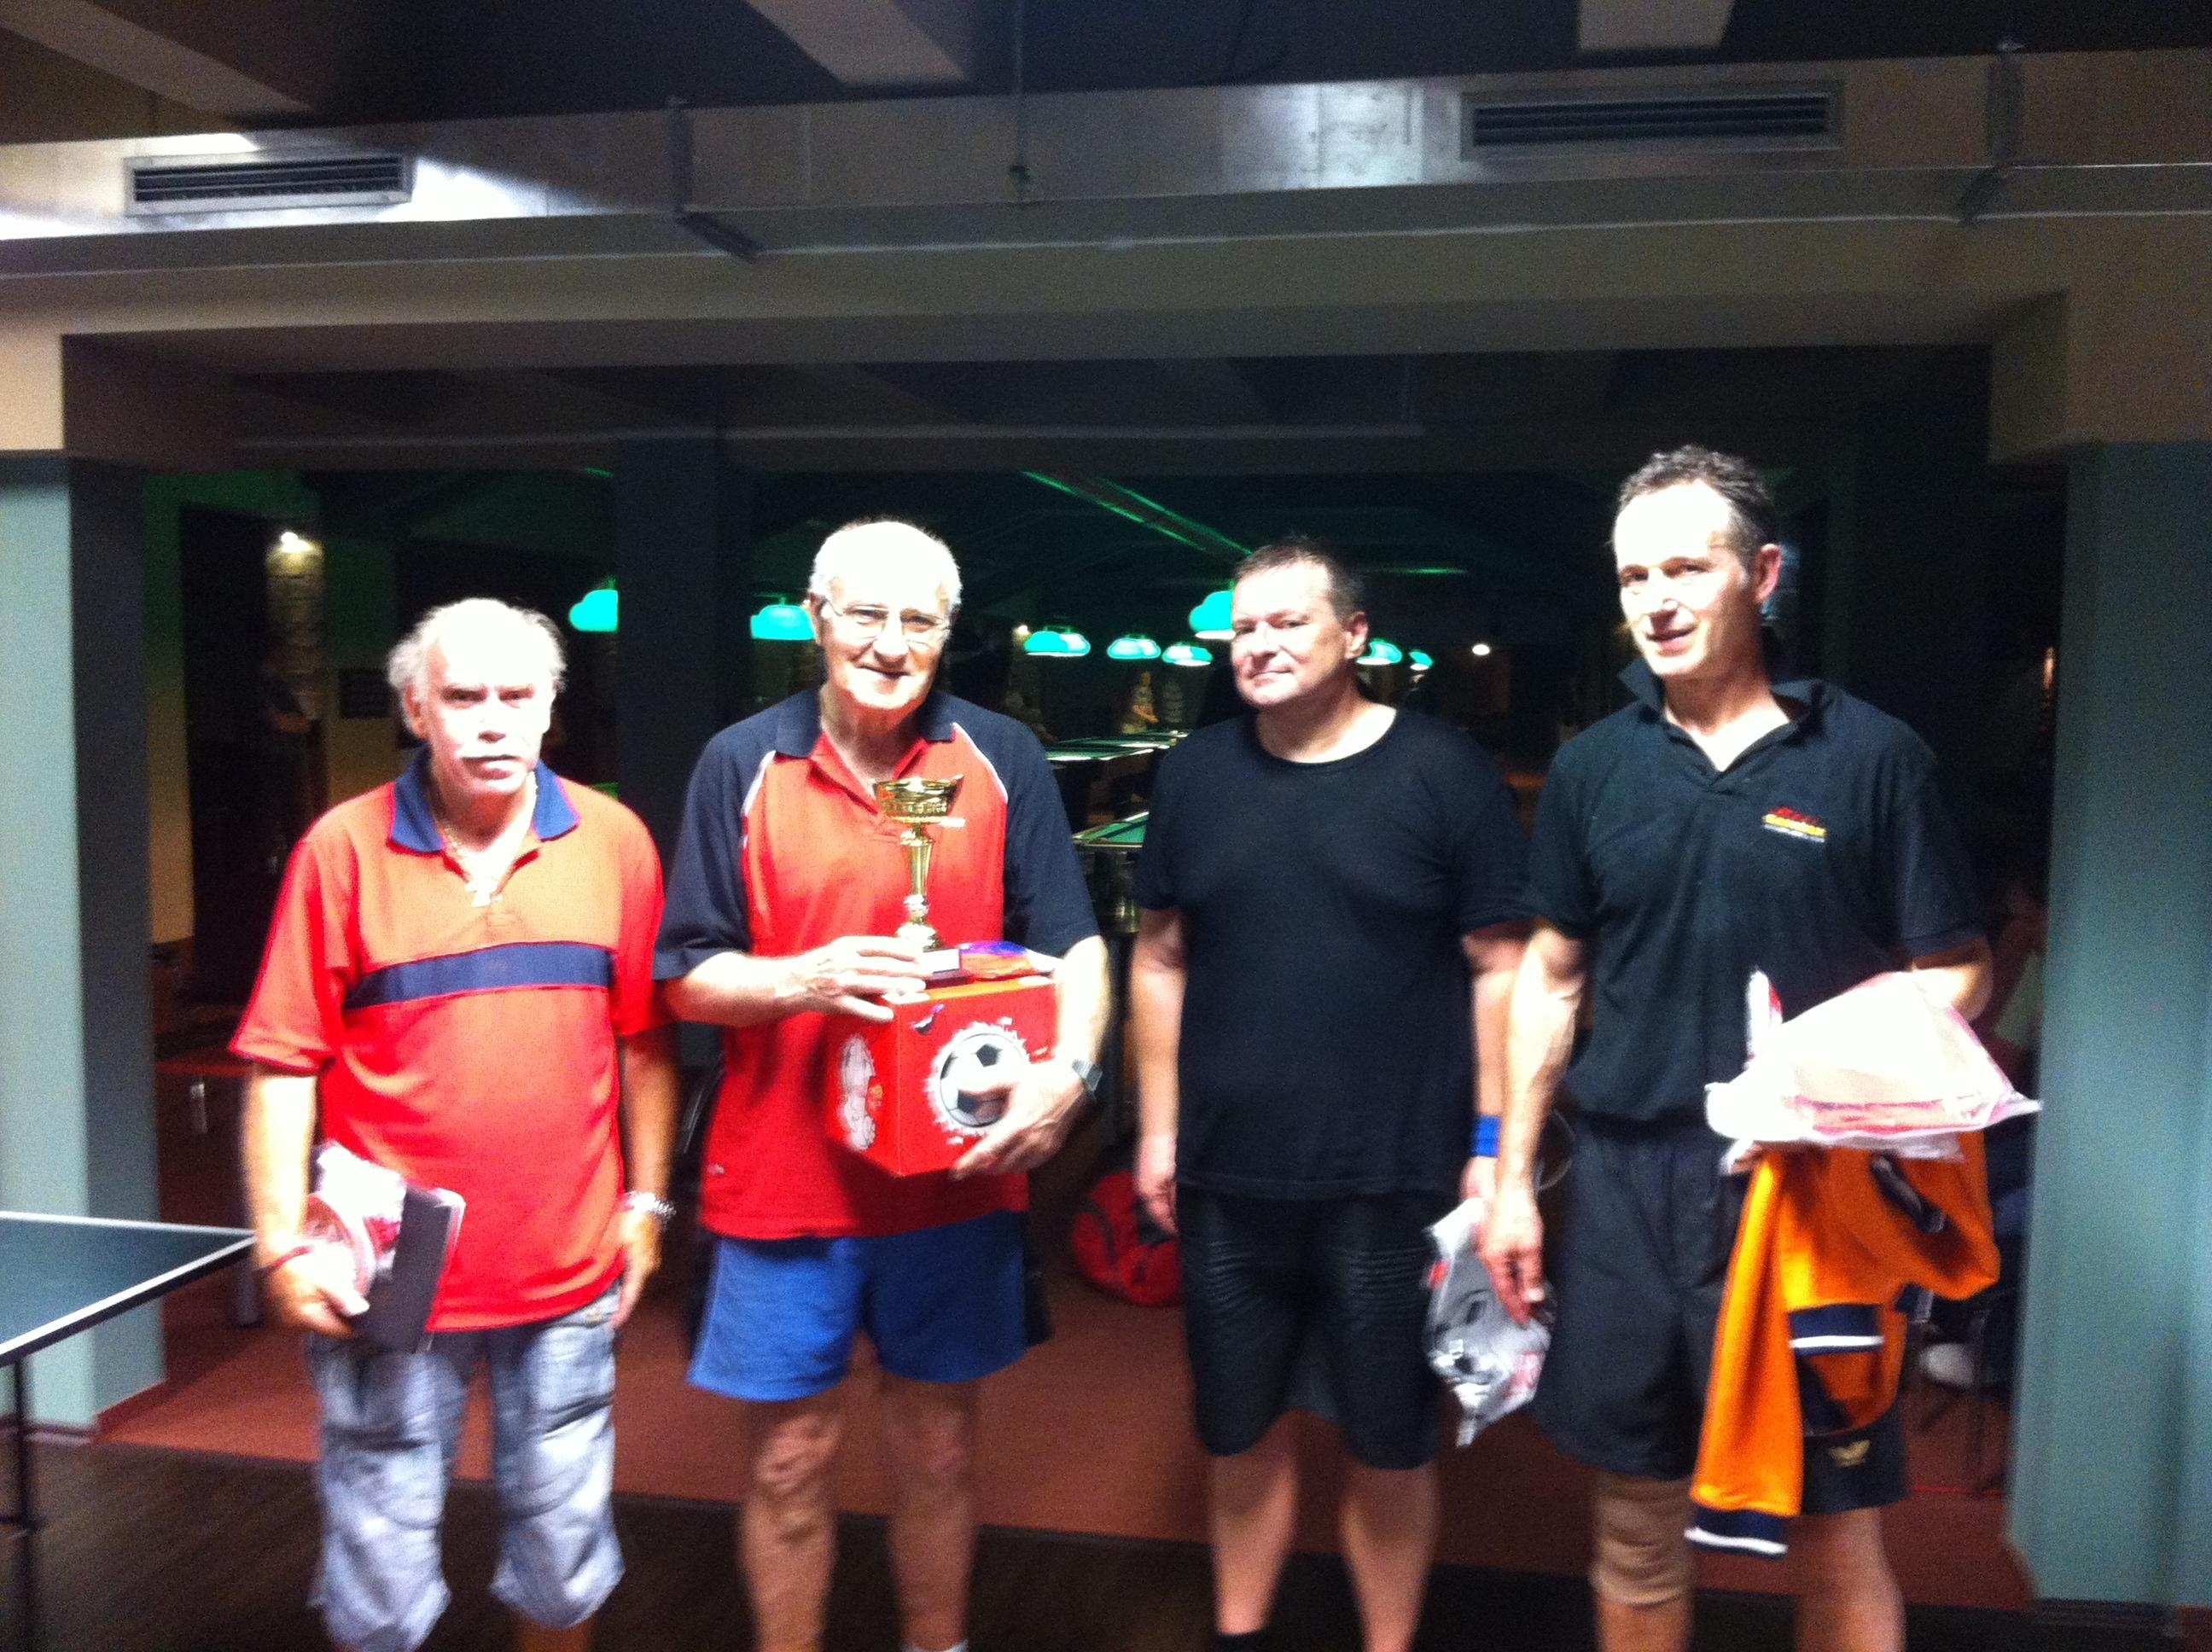 vítězové ping pong 22.5.2012 billiard - kulečník - ping pong Praha 10